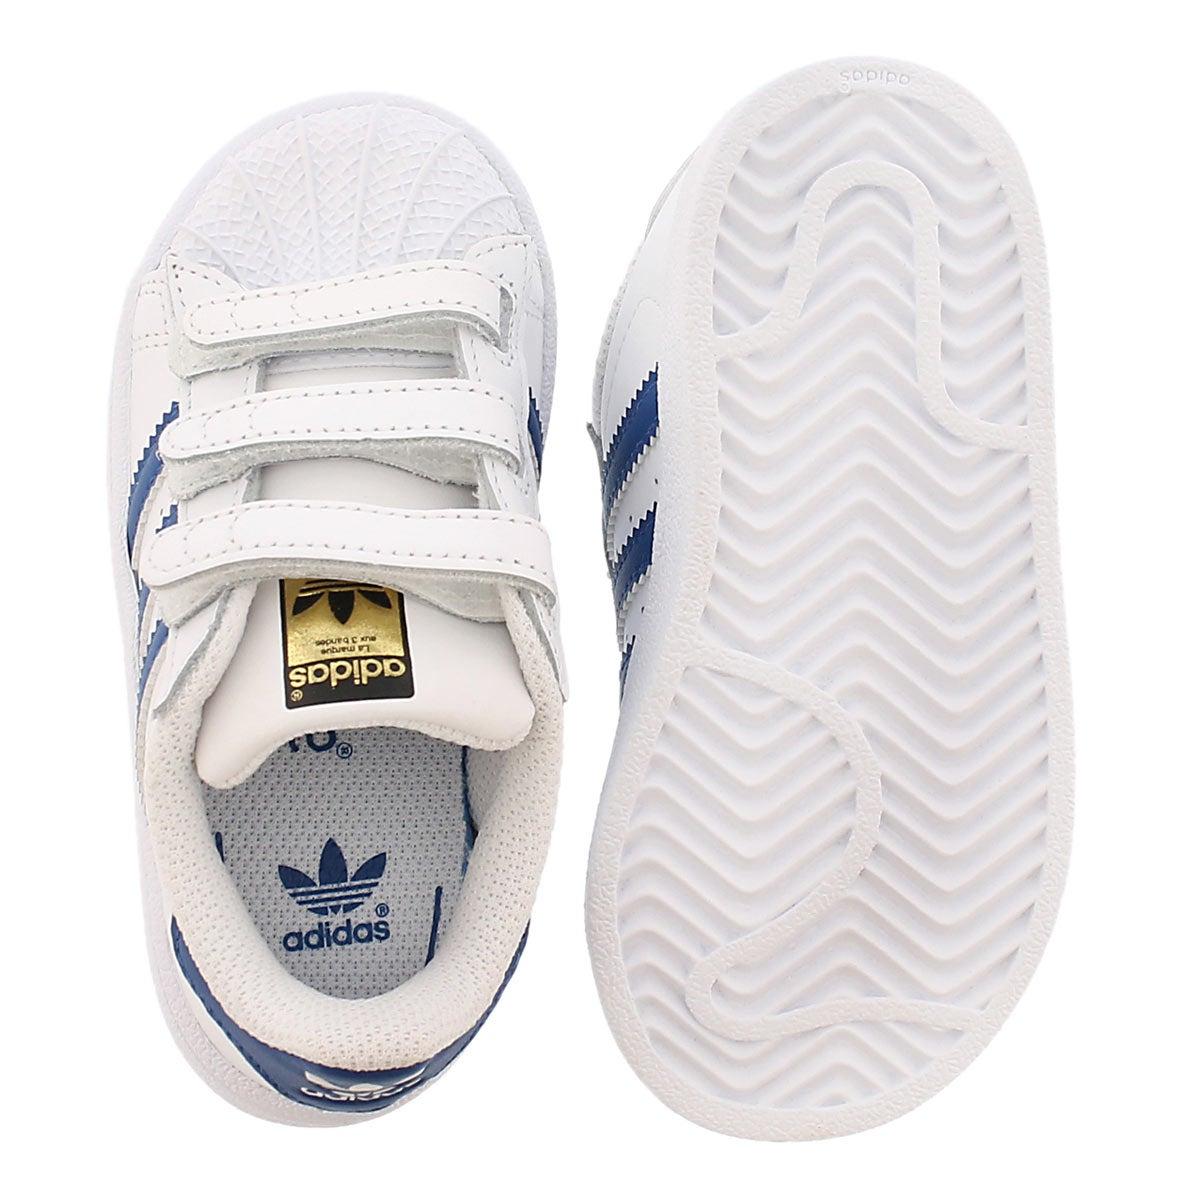 Infs Superstar wht/blu sneaker